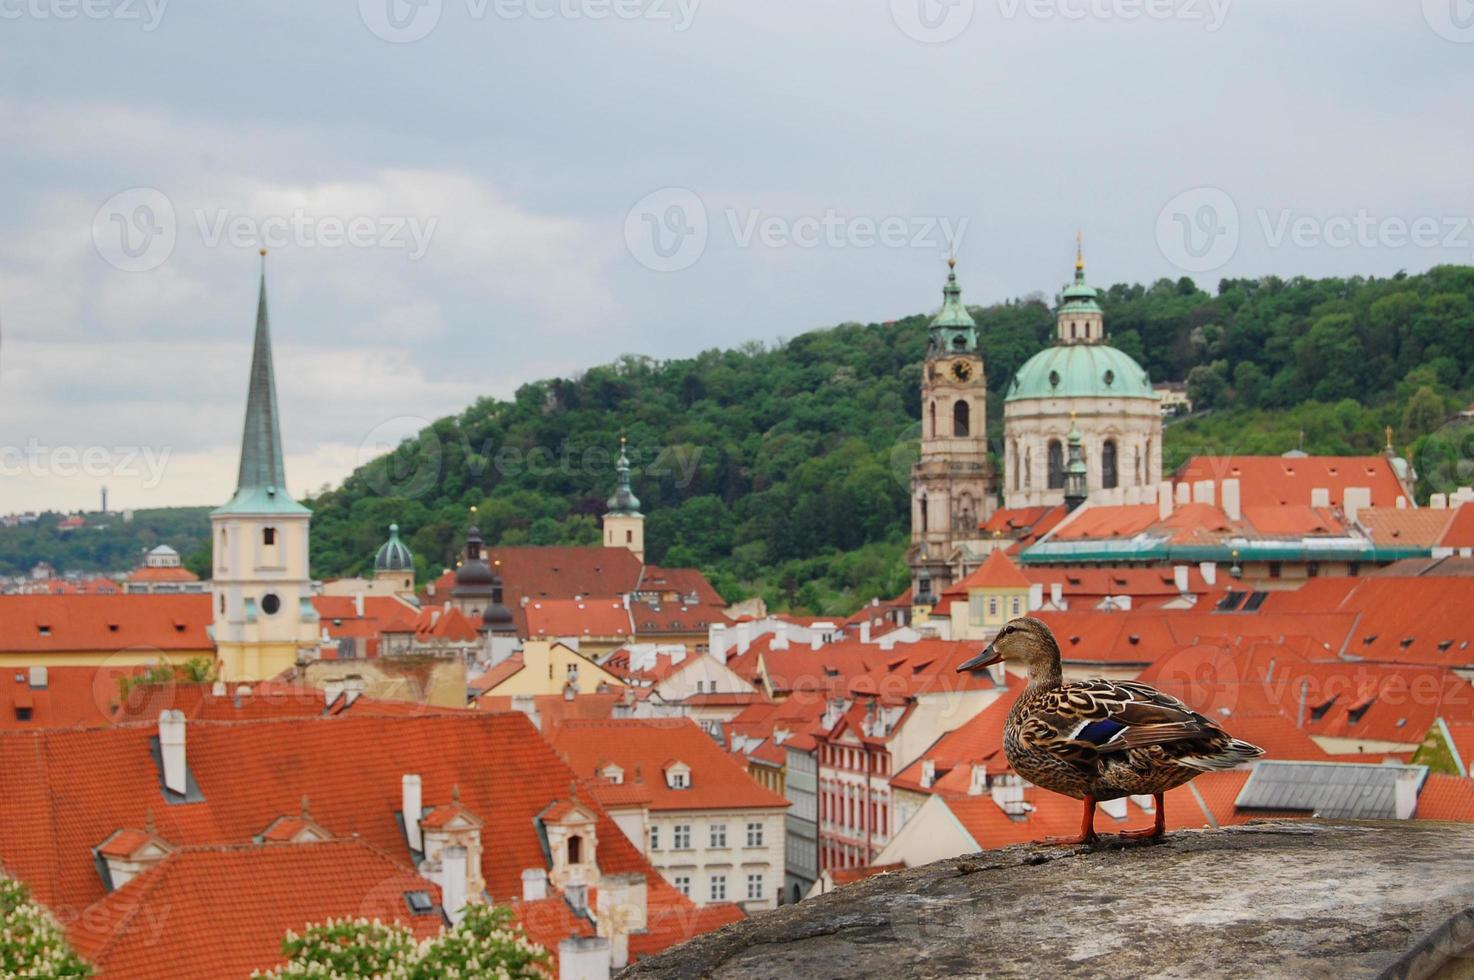 Praga. architettura medievale con un'anatra seduta in primo piano. foto